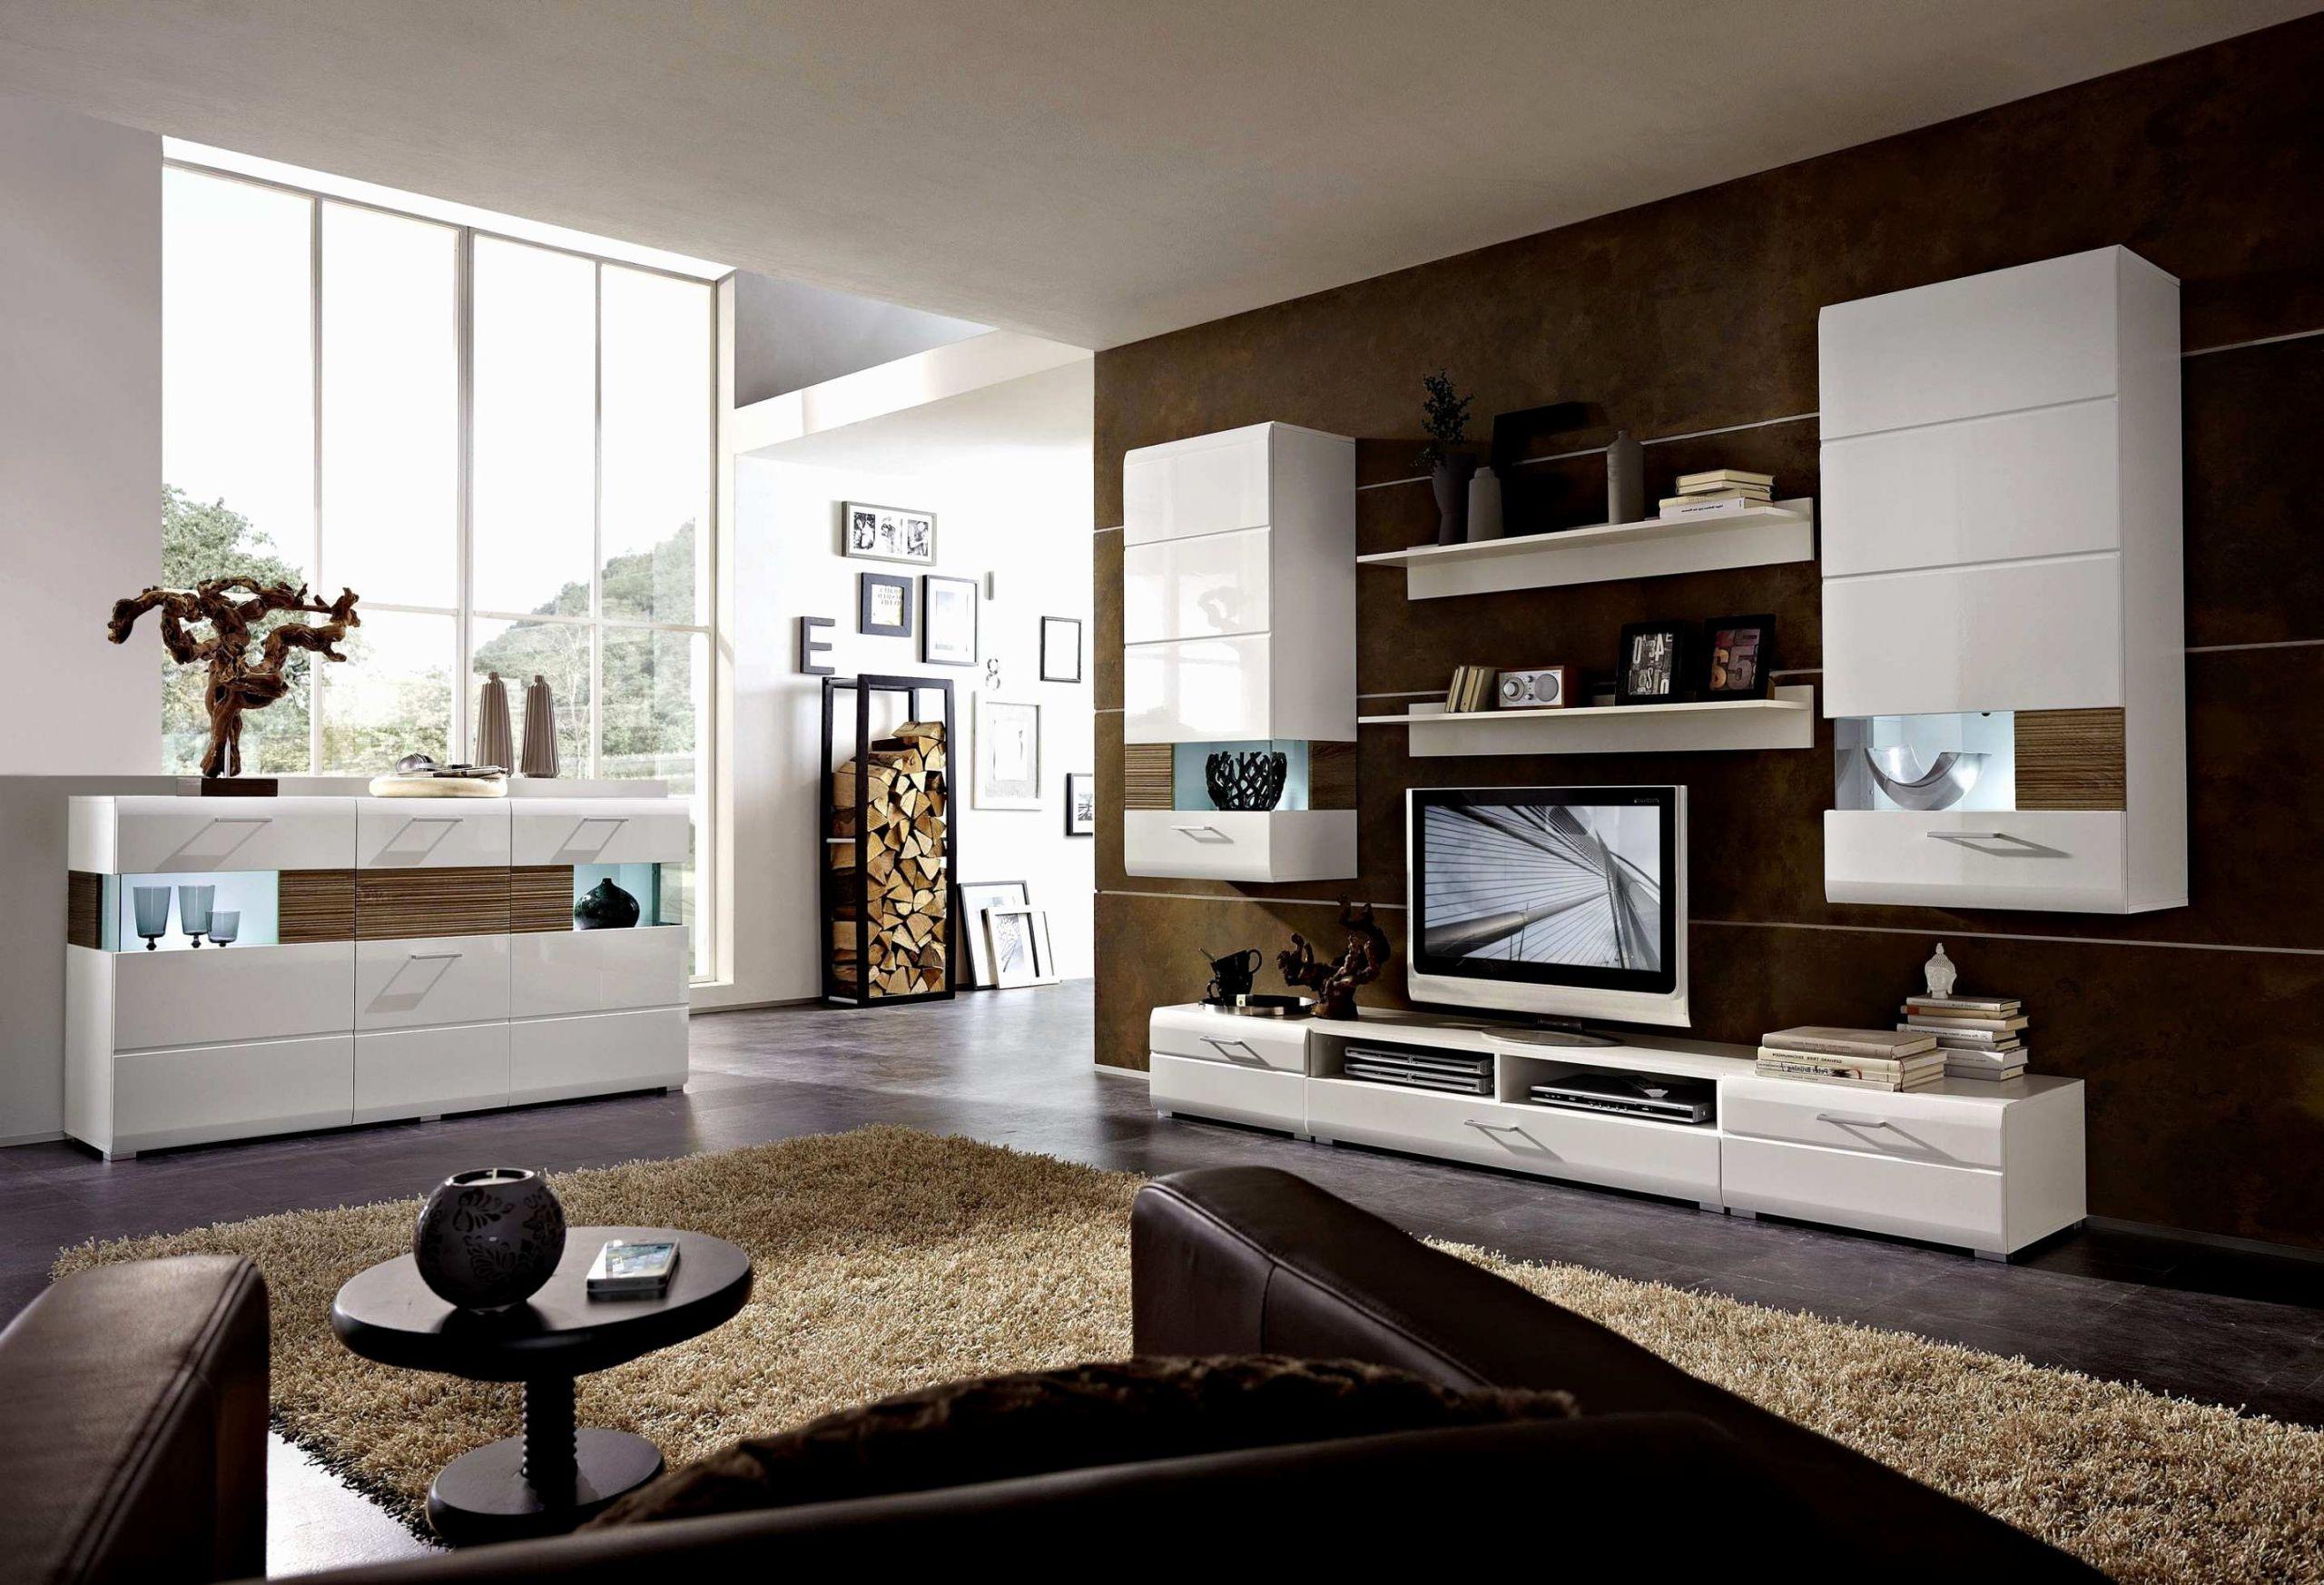 wohnzimmer gestalten tipps neu wohnzimmer gestalten ideen of wohnzimmer gestalten tipps